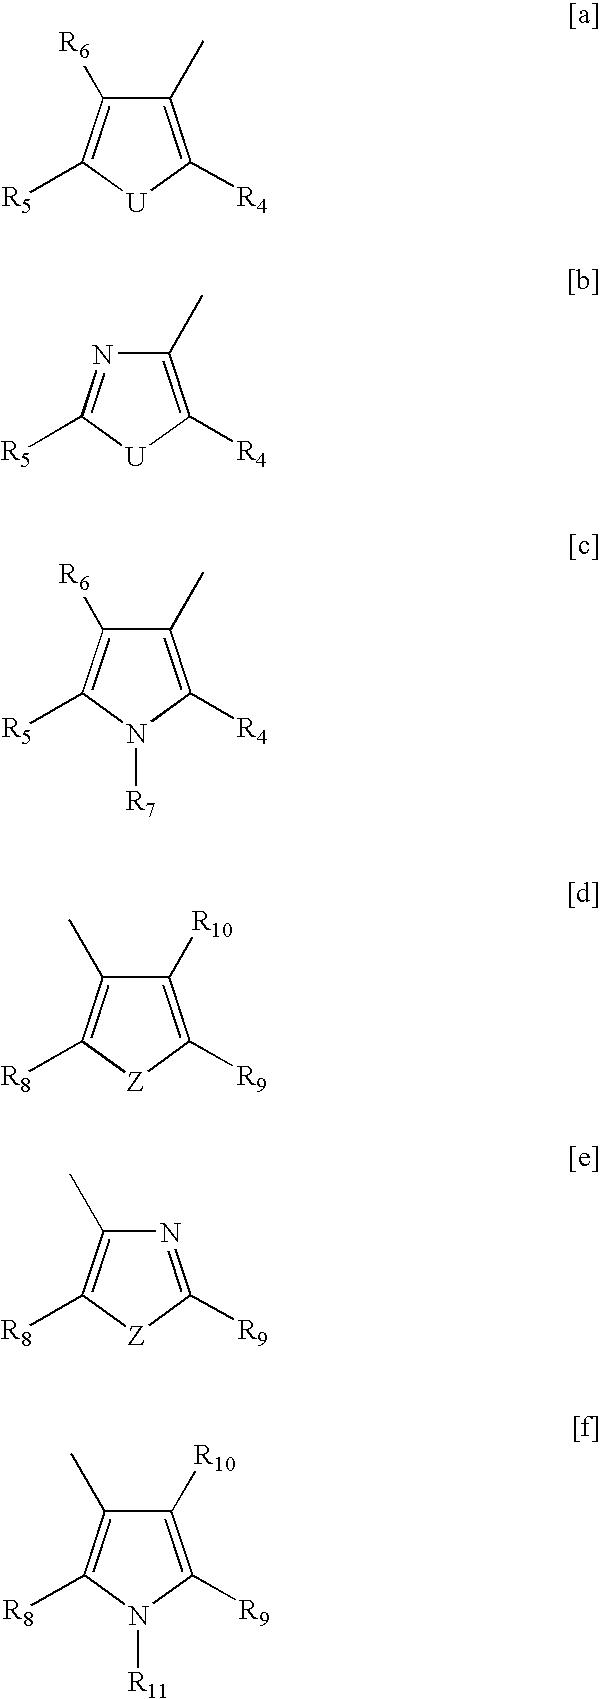 Figure US20080311494A1-20081218-C00020